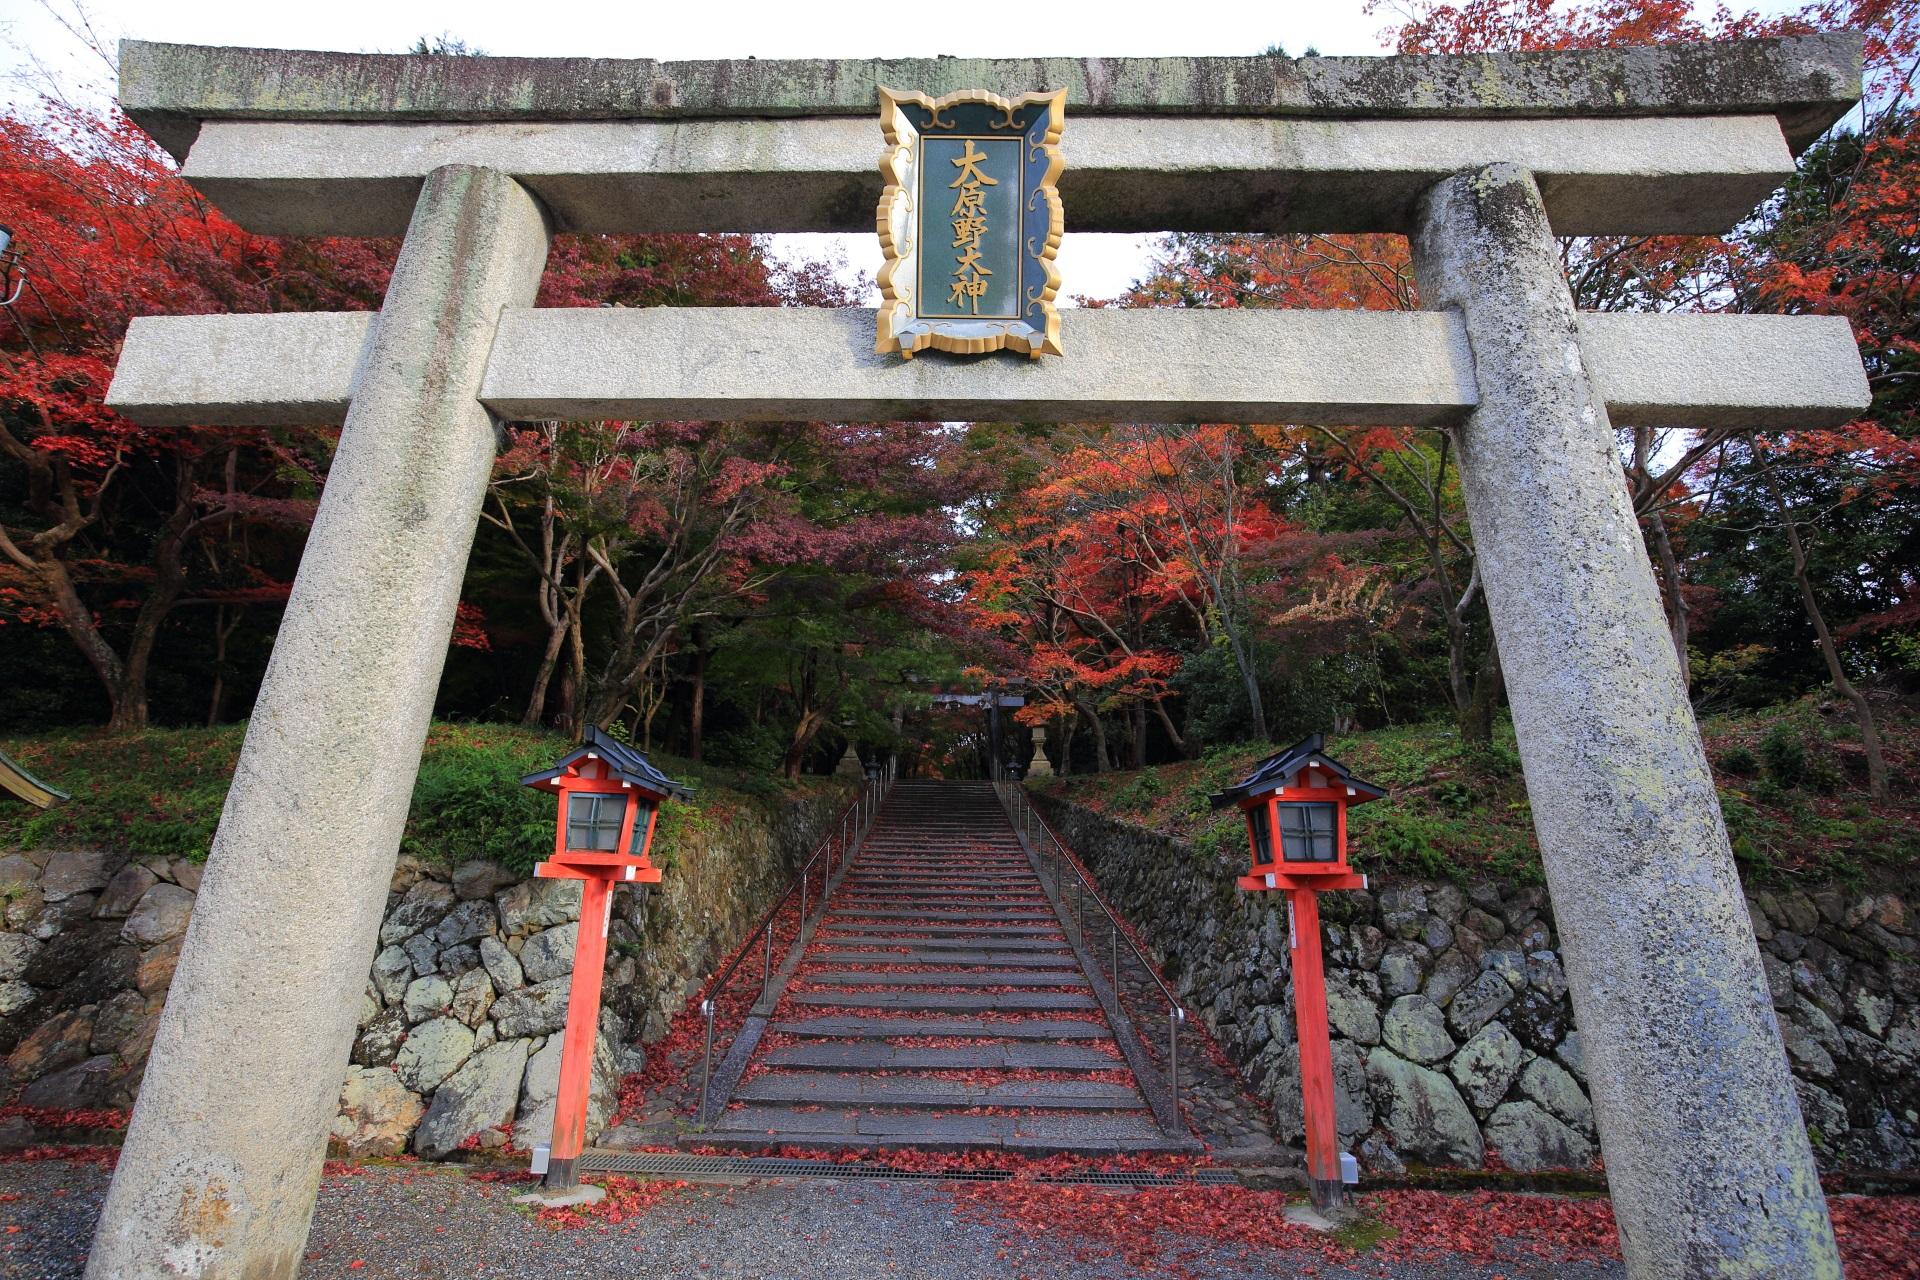 鮮やかな秋色につつまれる紅葉の参道